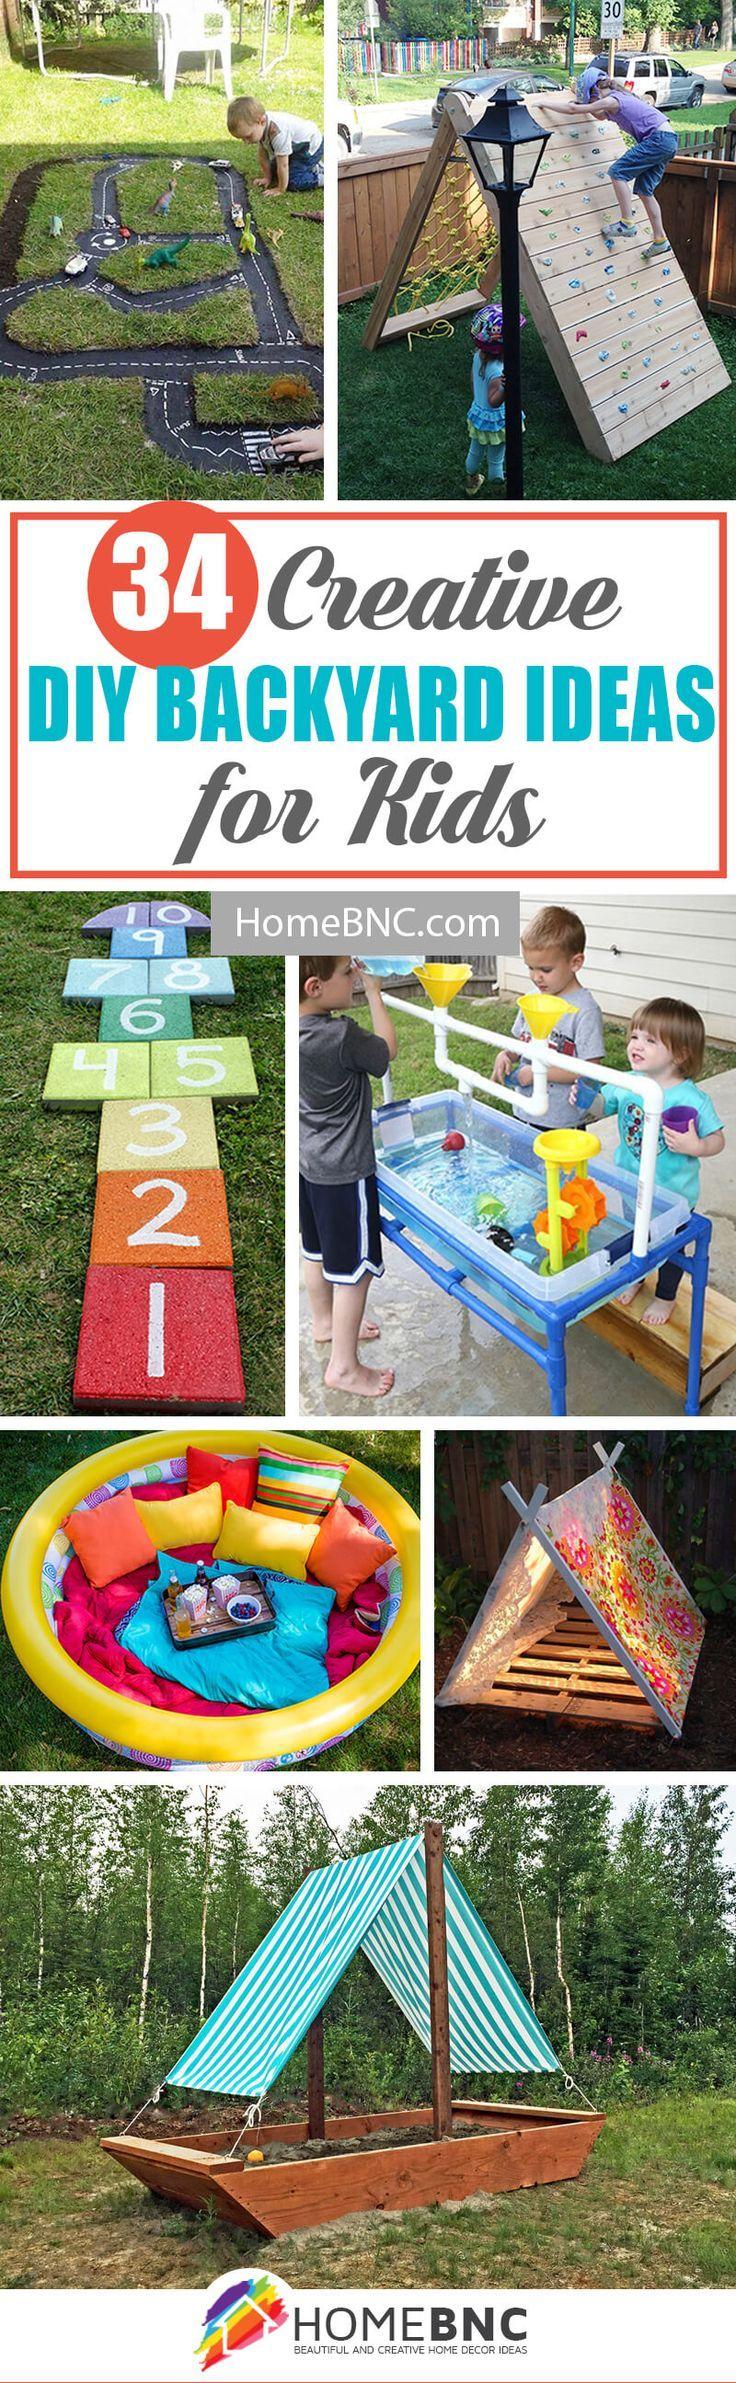 34 fantastische DIY-Hinterhofideen für Kinder, die einfach zu erstellen sind